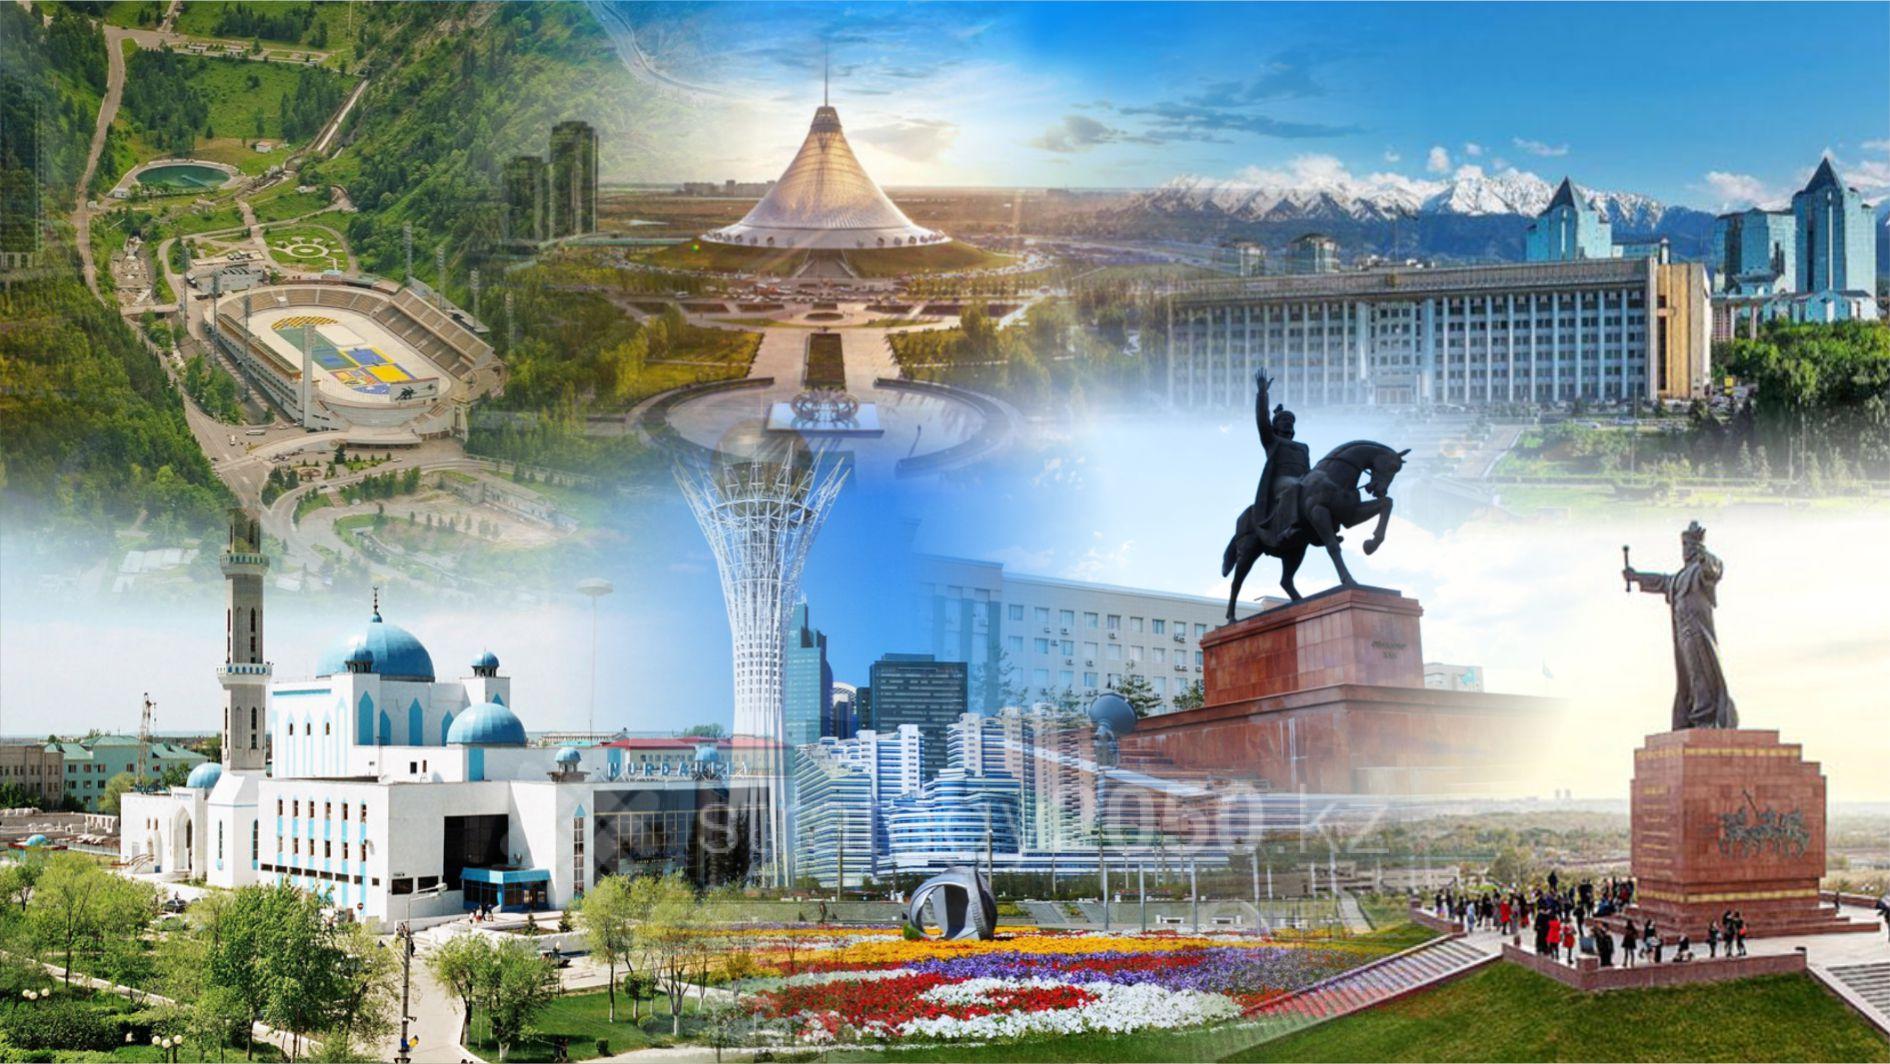 открытки города казахстана приколисты ежедневно сочиняют